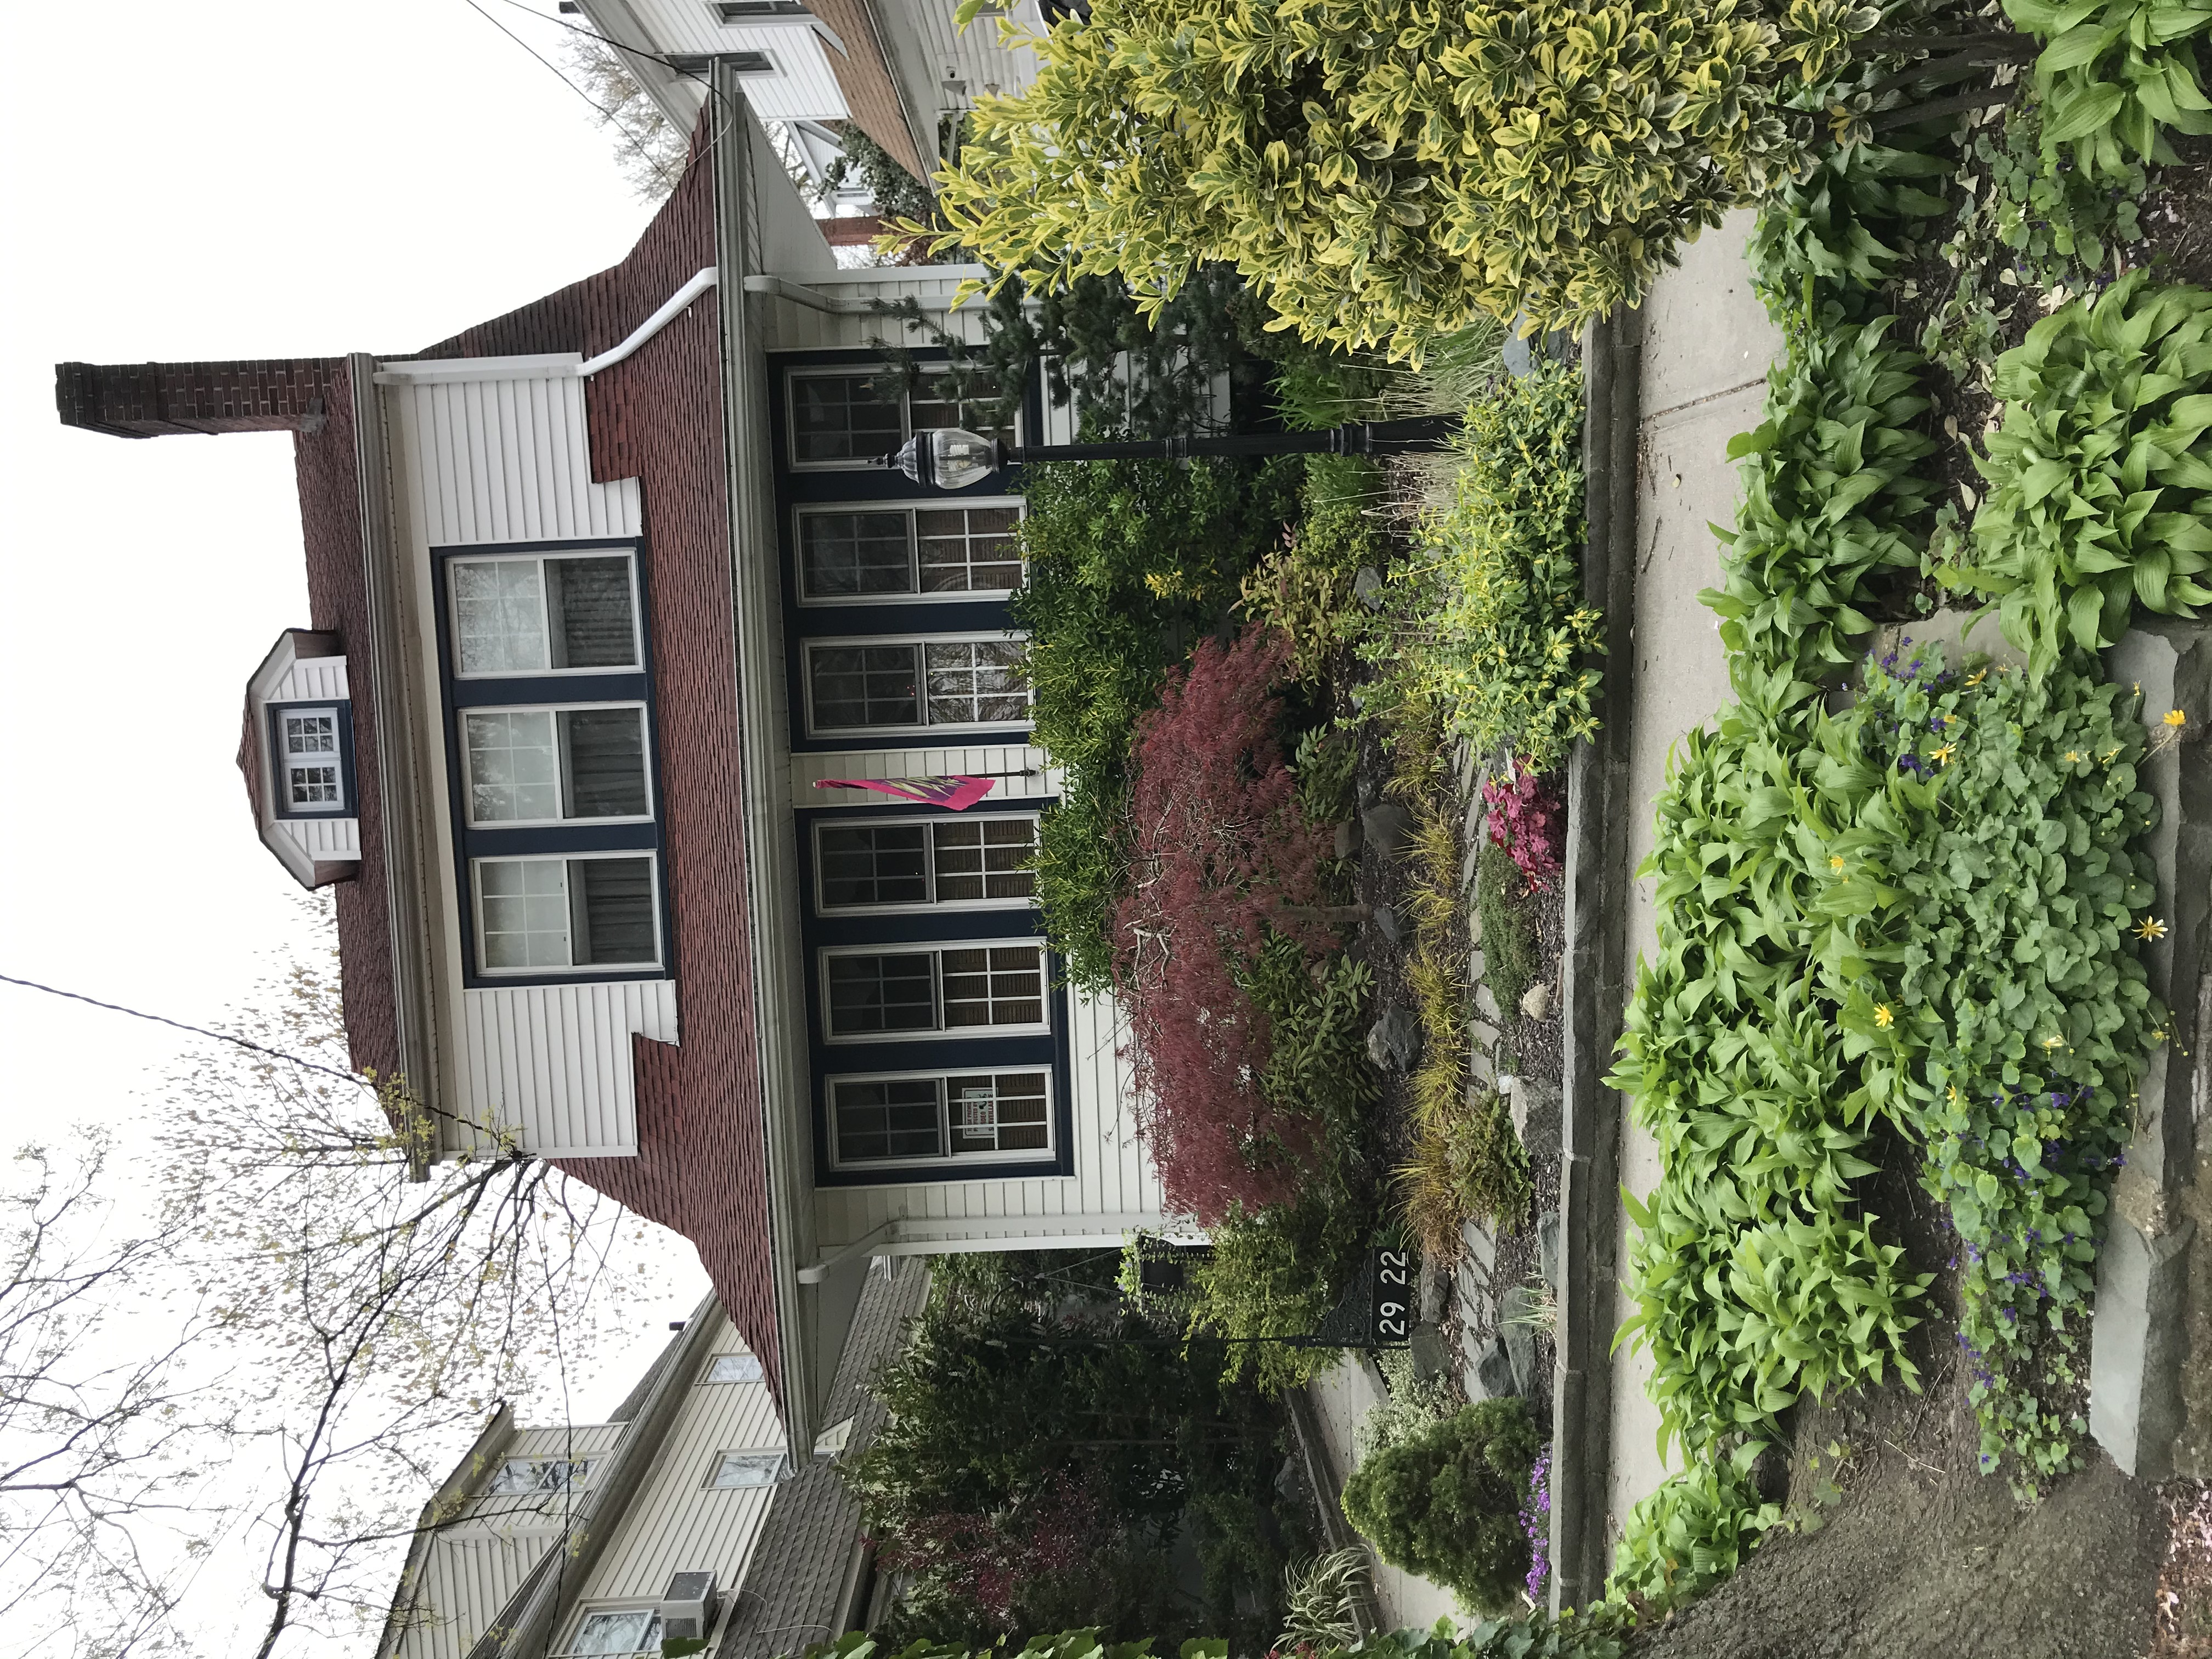 29-22 161st Street - Diaz Residence